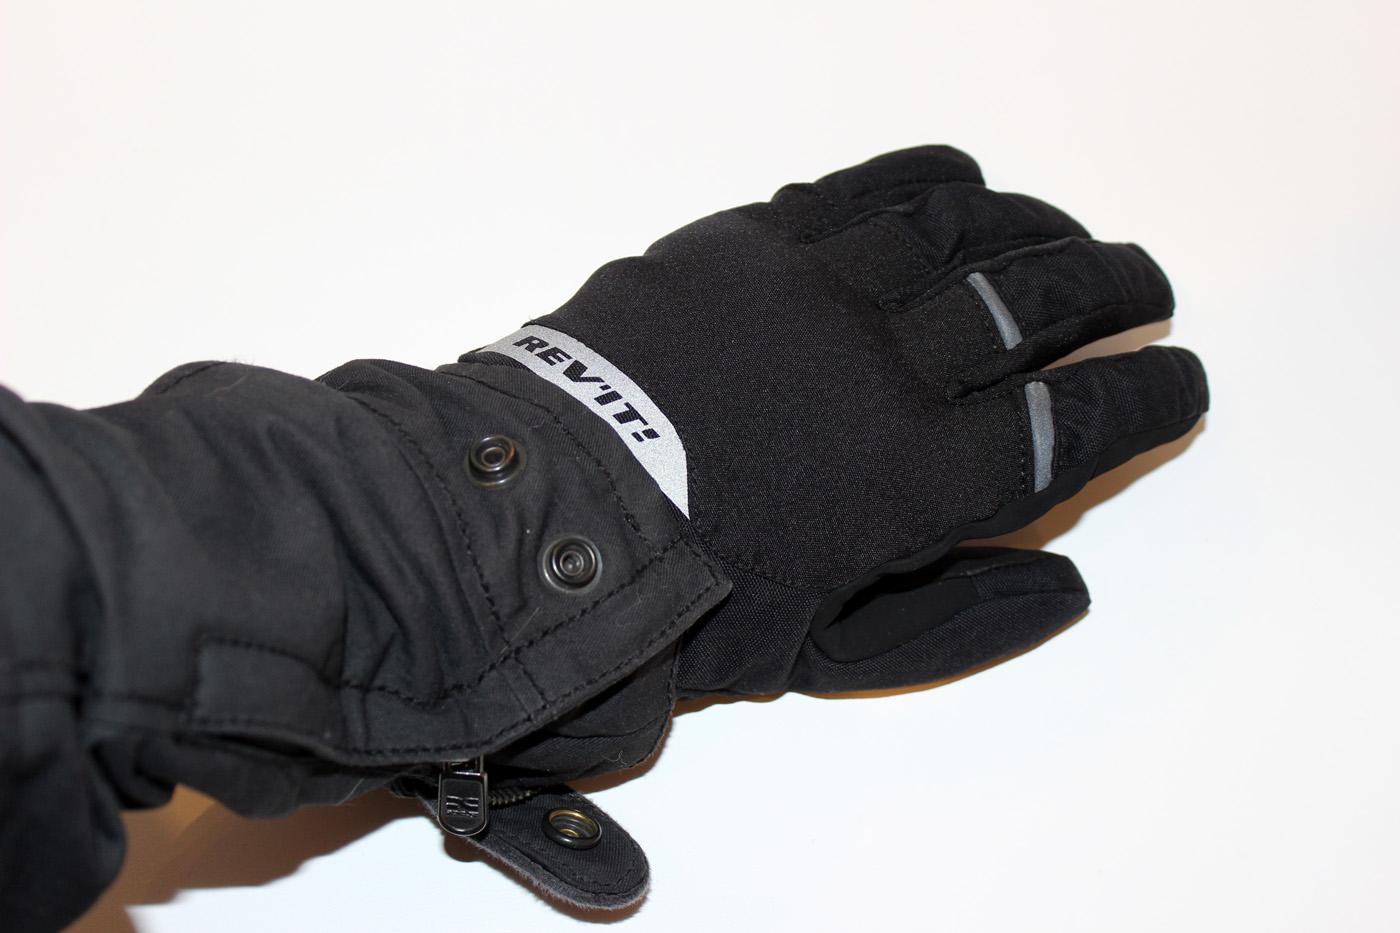 Le style épuré des gants Rev It Chevak GTX Ladies donne la possibilité de porter aussi bien un blouson cuir technique sport qu'un blouson au style plus urbain.